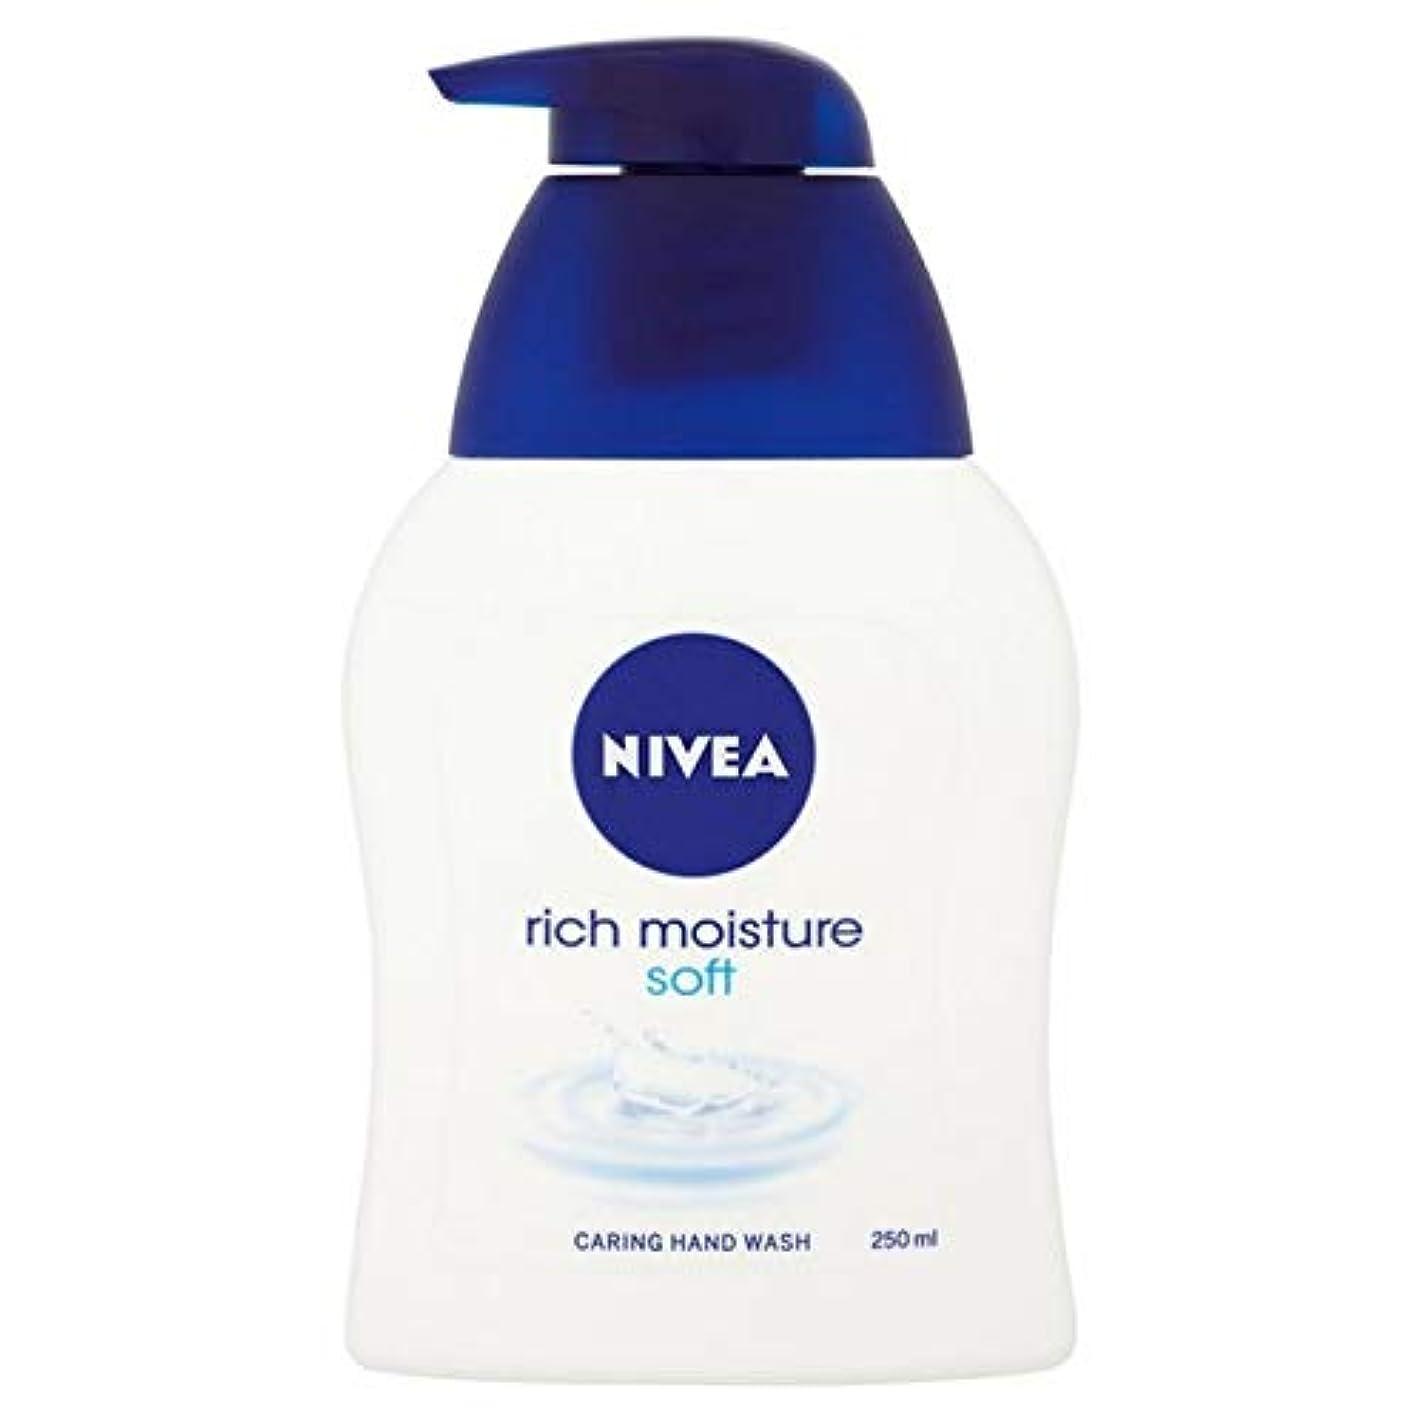 最大限複雑でない海洋の[Nivea ] ニベア豊富な水分ソフト思いやり手洗いの250ミリリットル - Nivea Rich Moisture Soft Caring Hand Wash 250ml [並行輸入品]